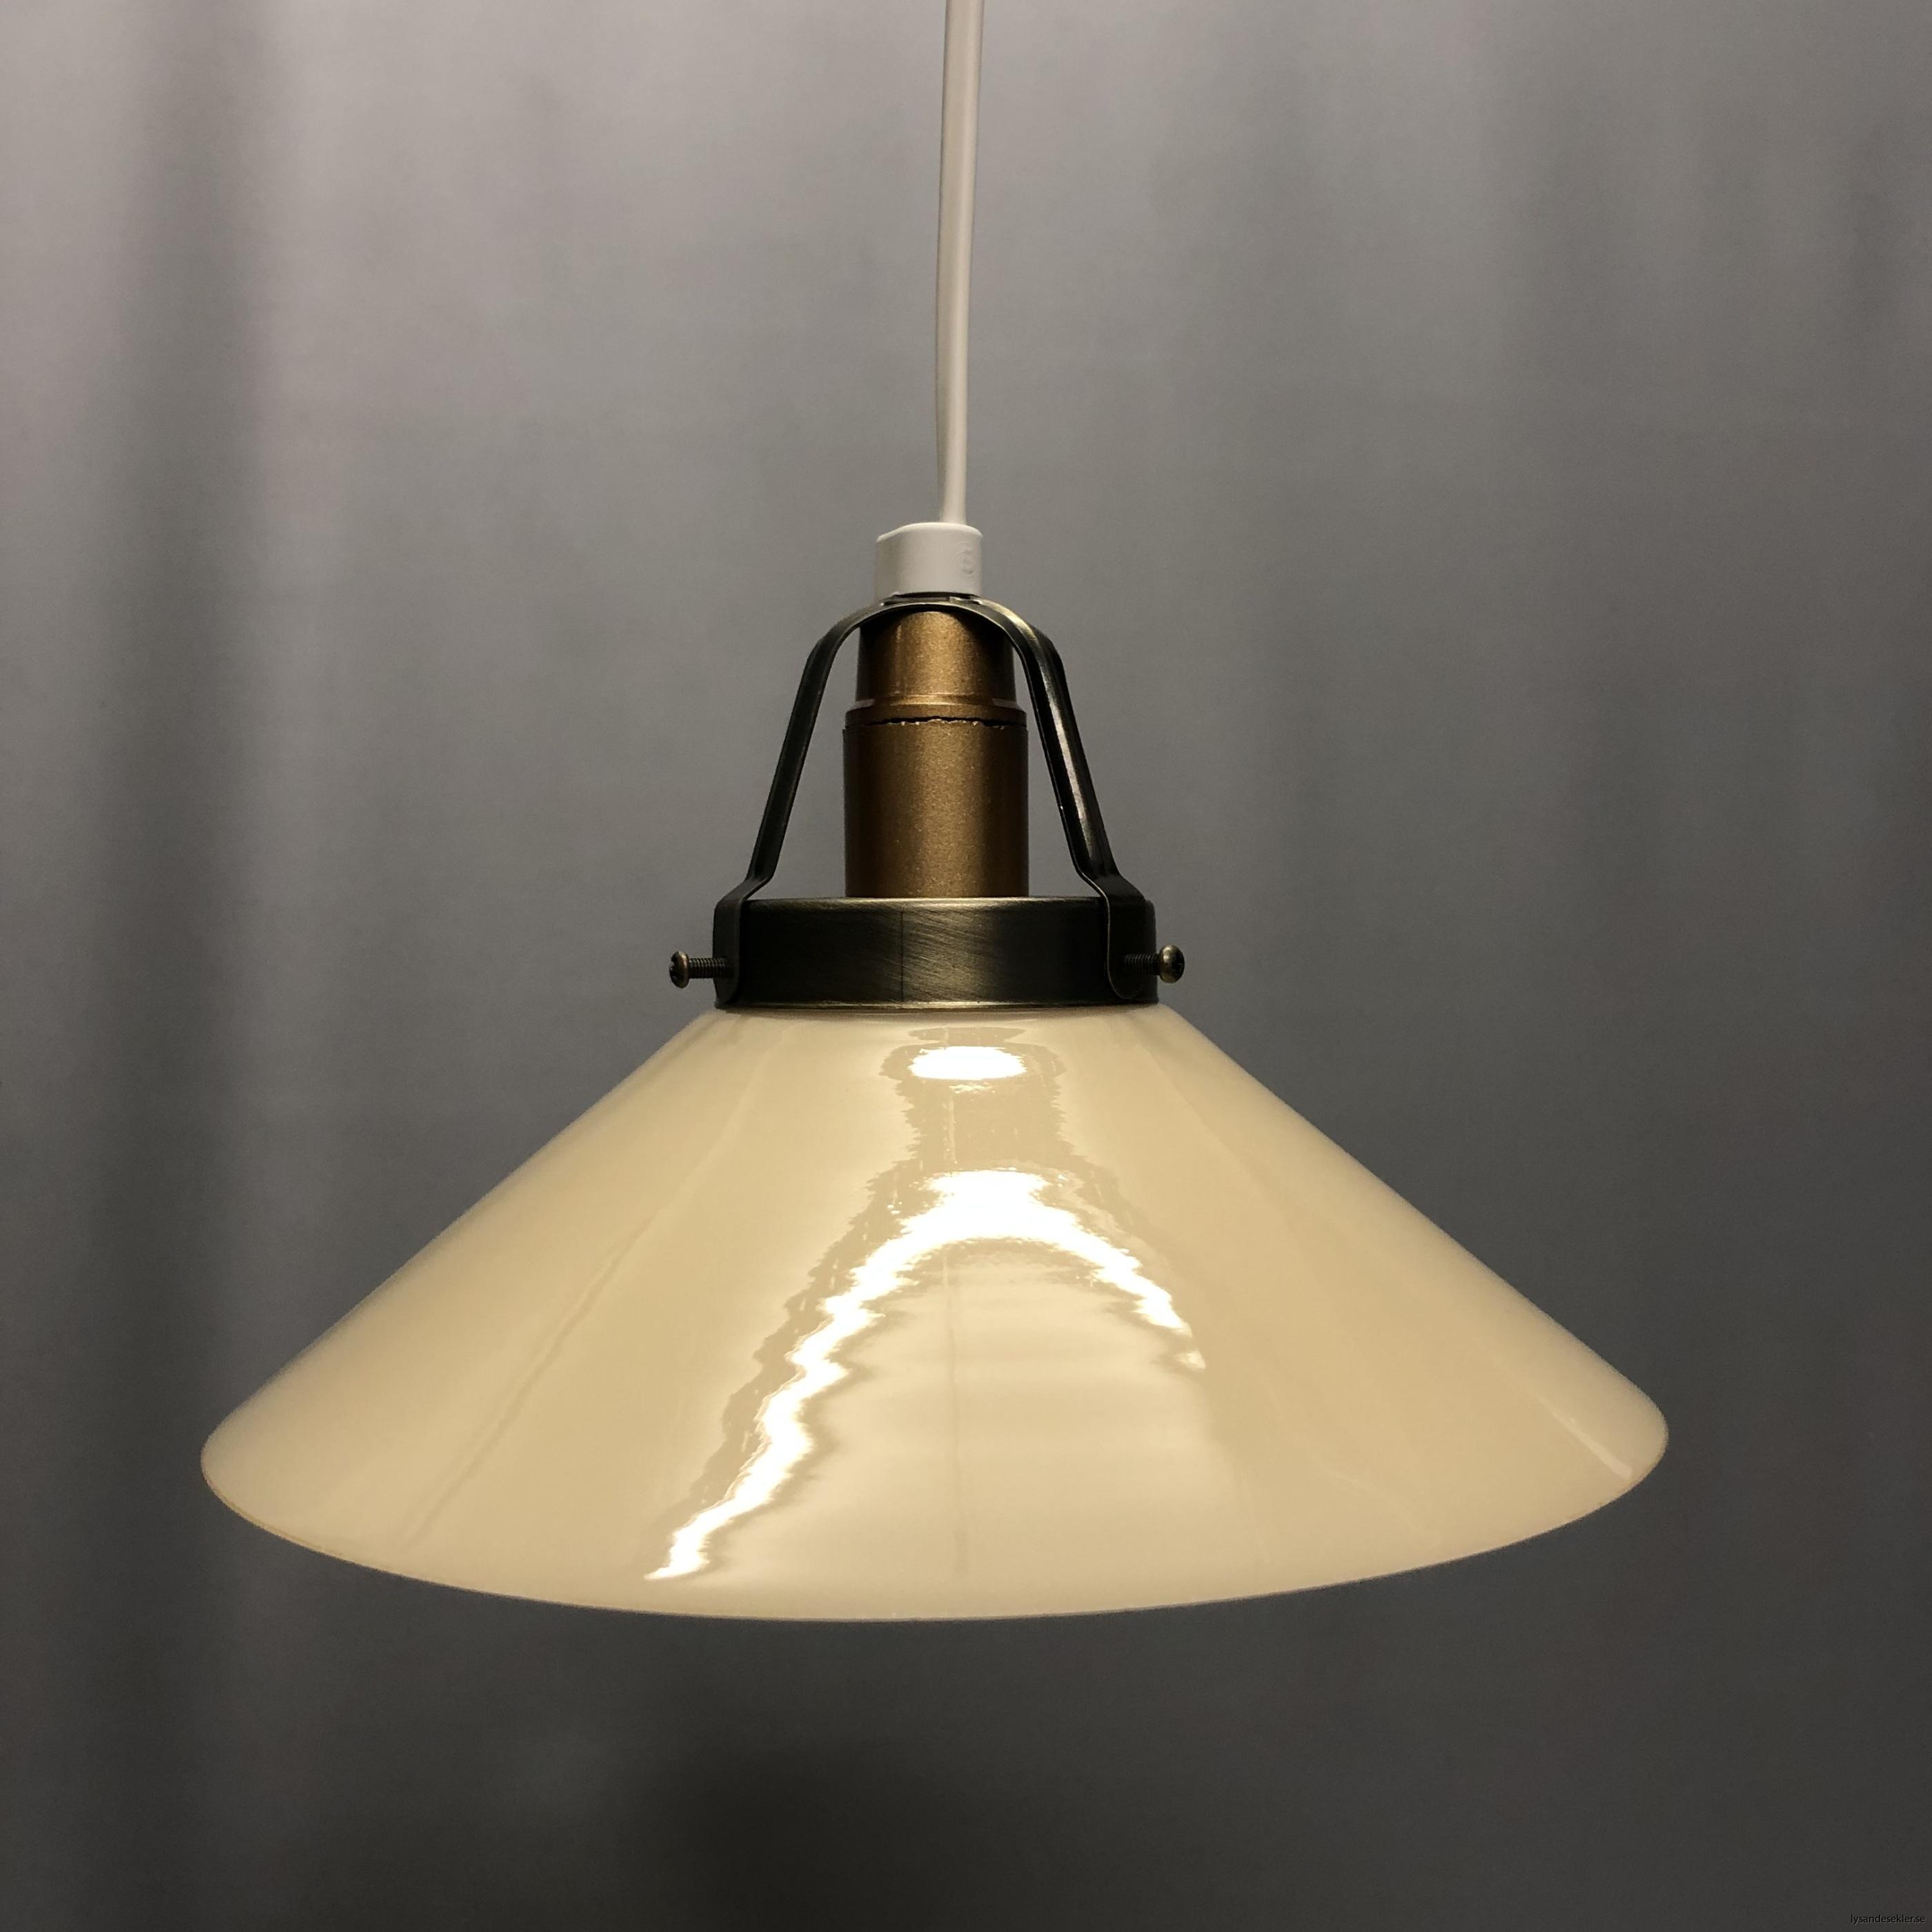 gul skomakarlampa skomakarelampa vanilj beige14